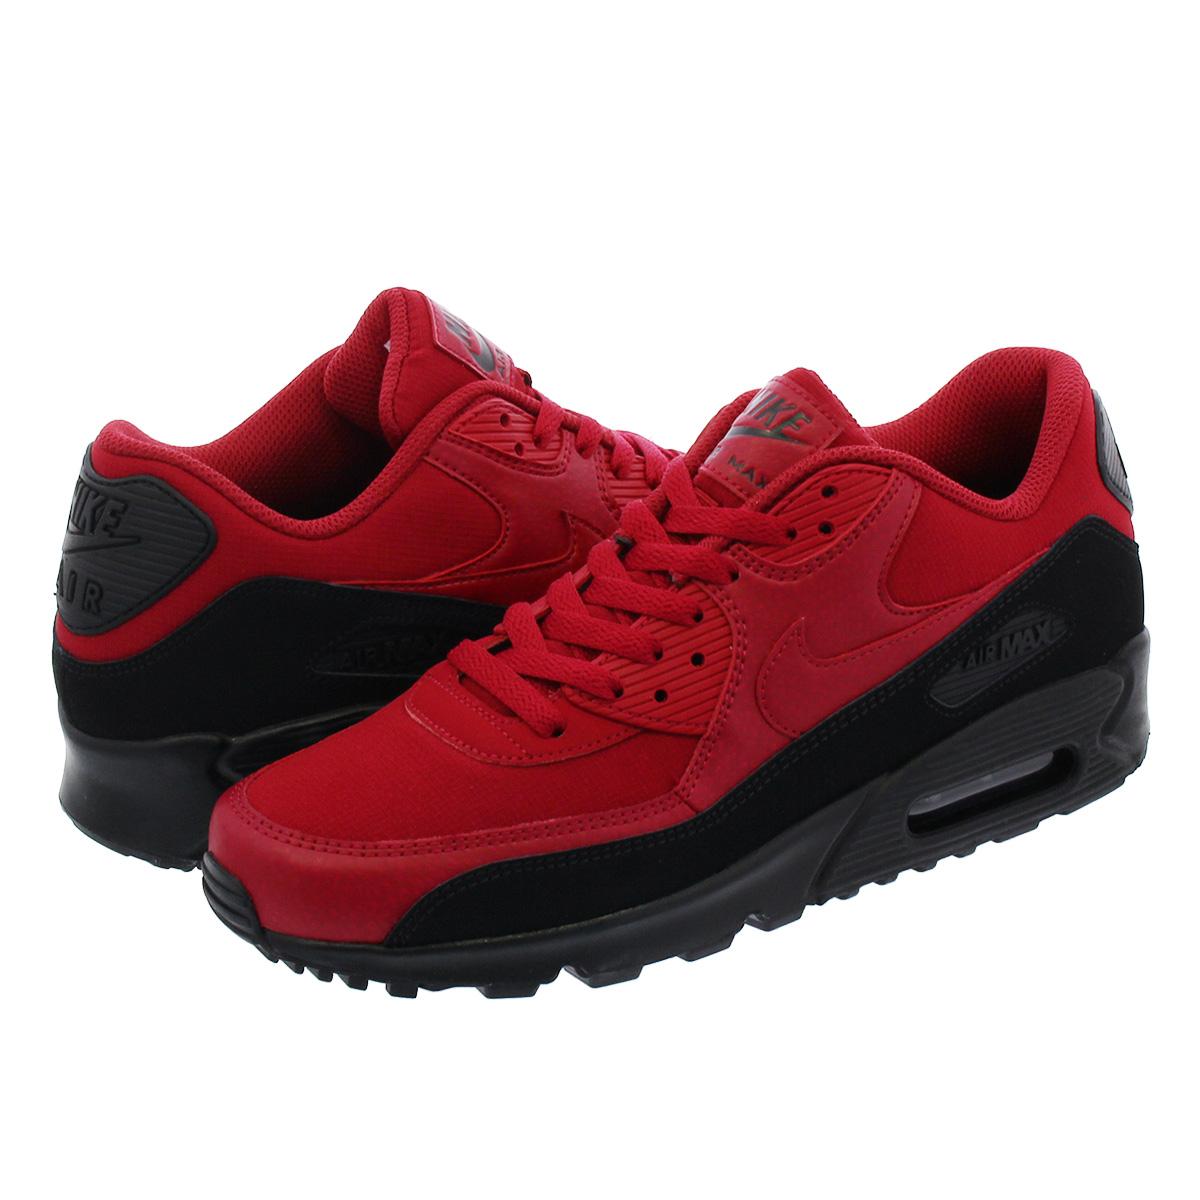 d565be7092 ... nike air max 90 essential kie ney amax 90 essential black red crush  aj1285 010